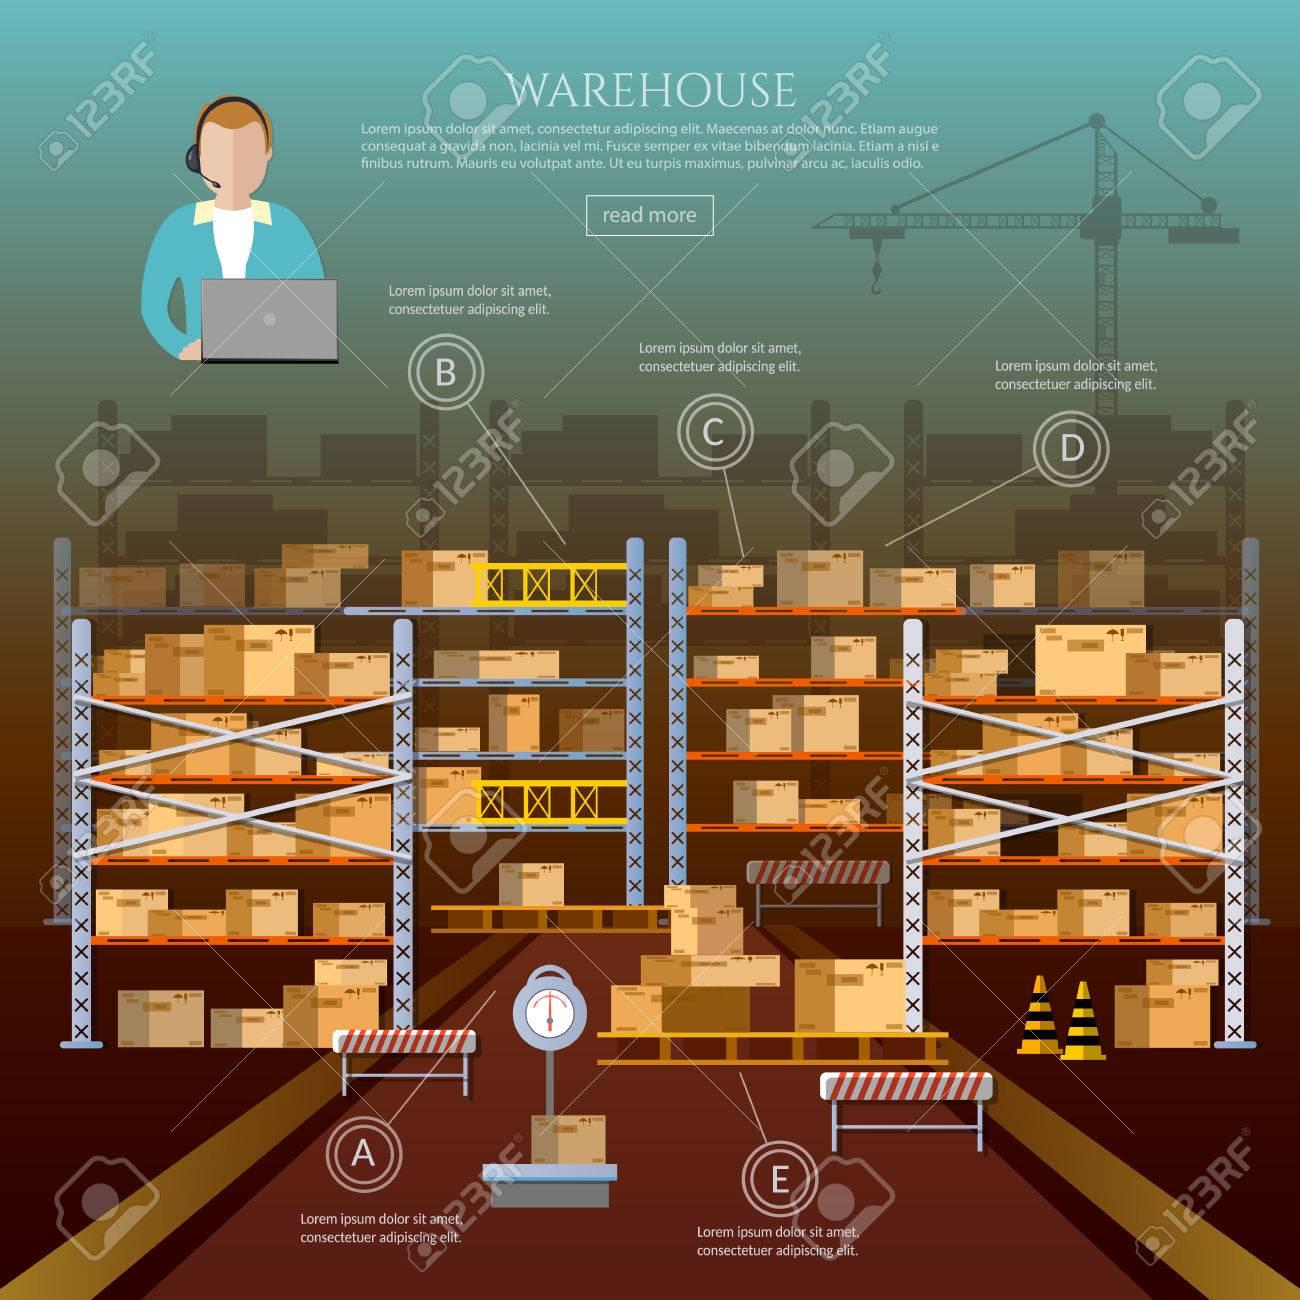 Warehouse-Interieur-Box Auf Rack-und Lagergebäude. 24 Stunden ...